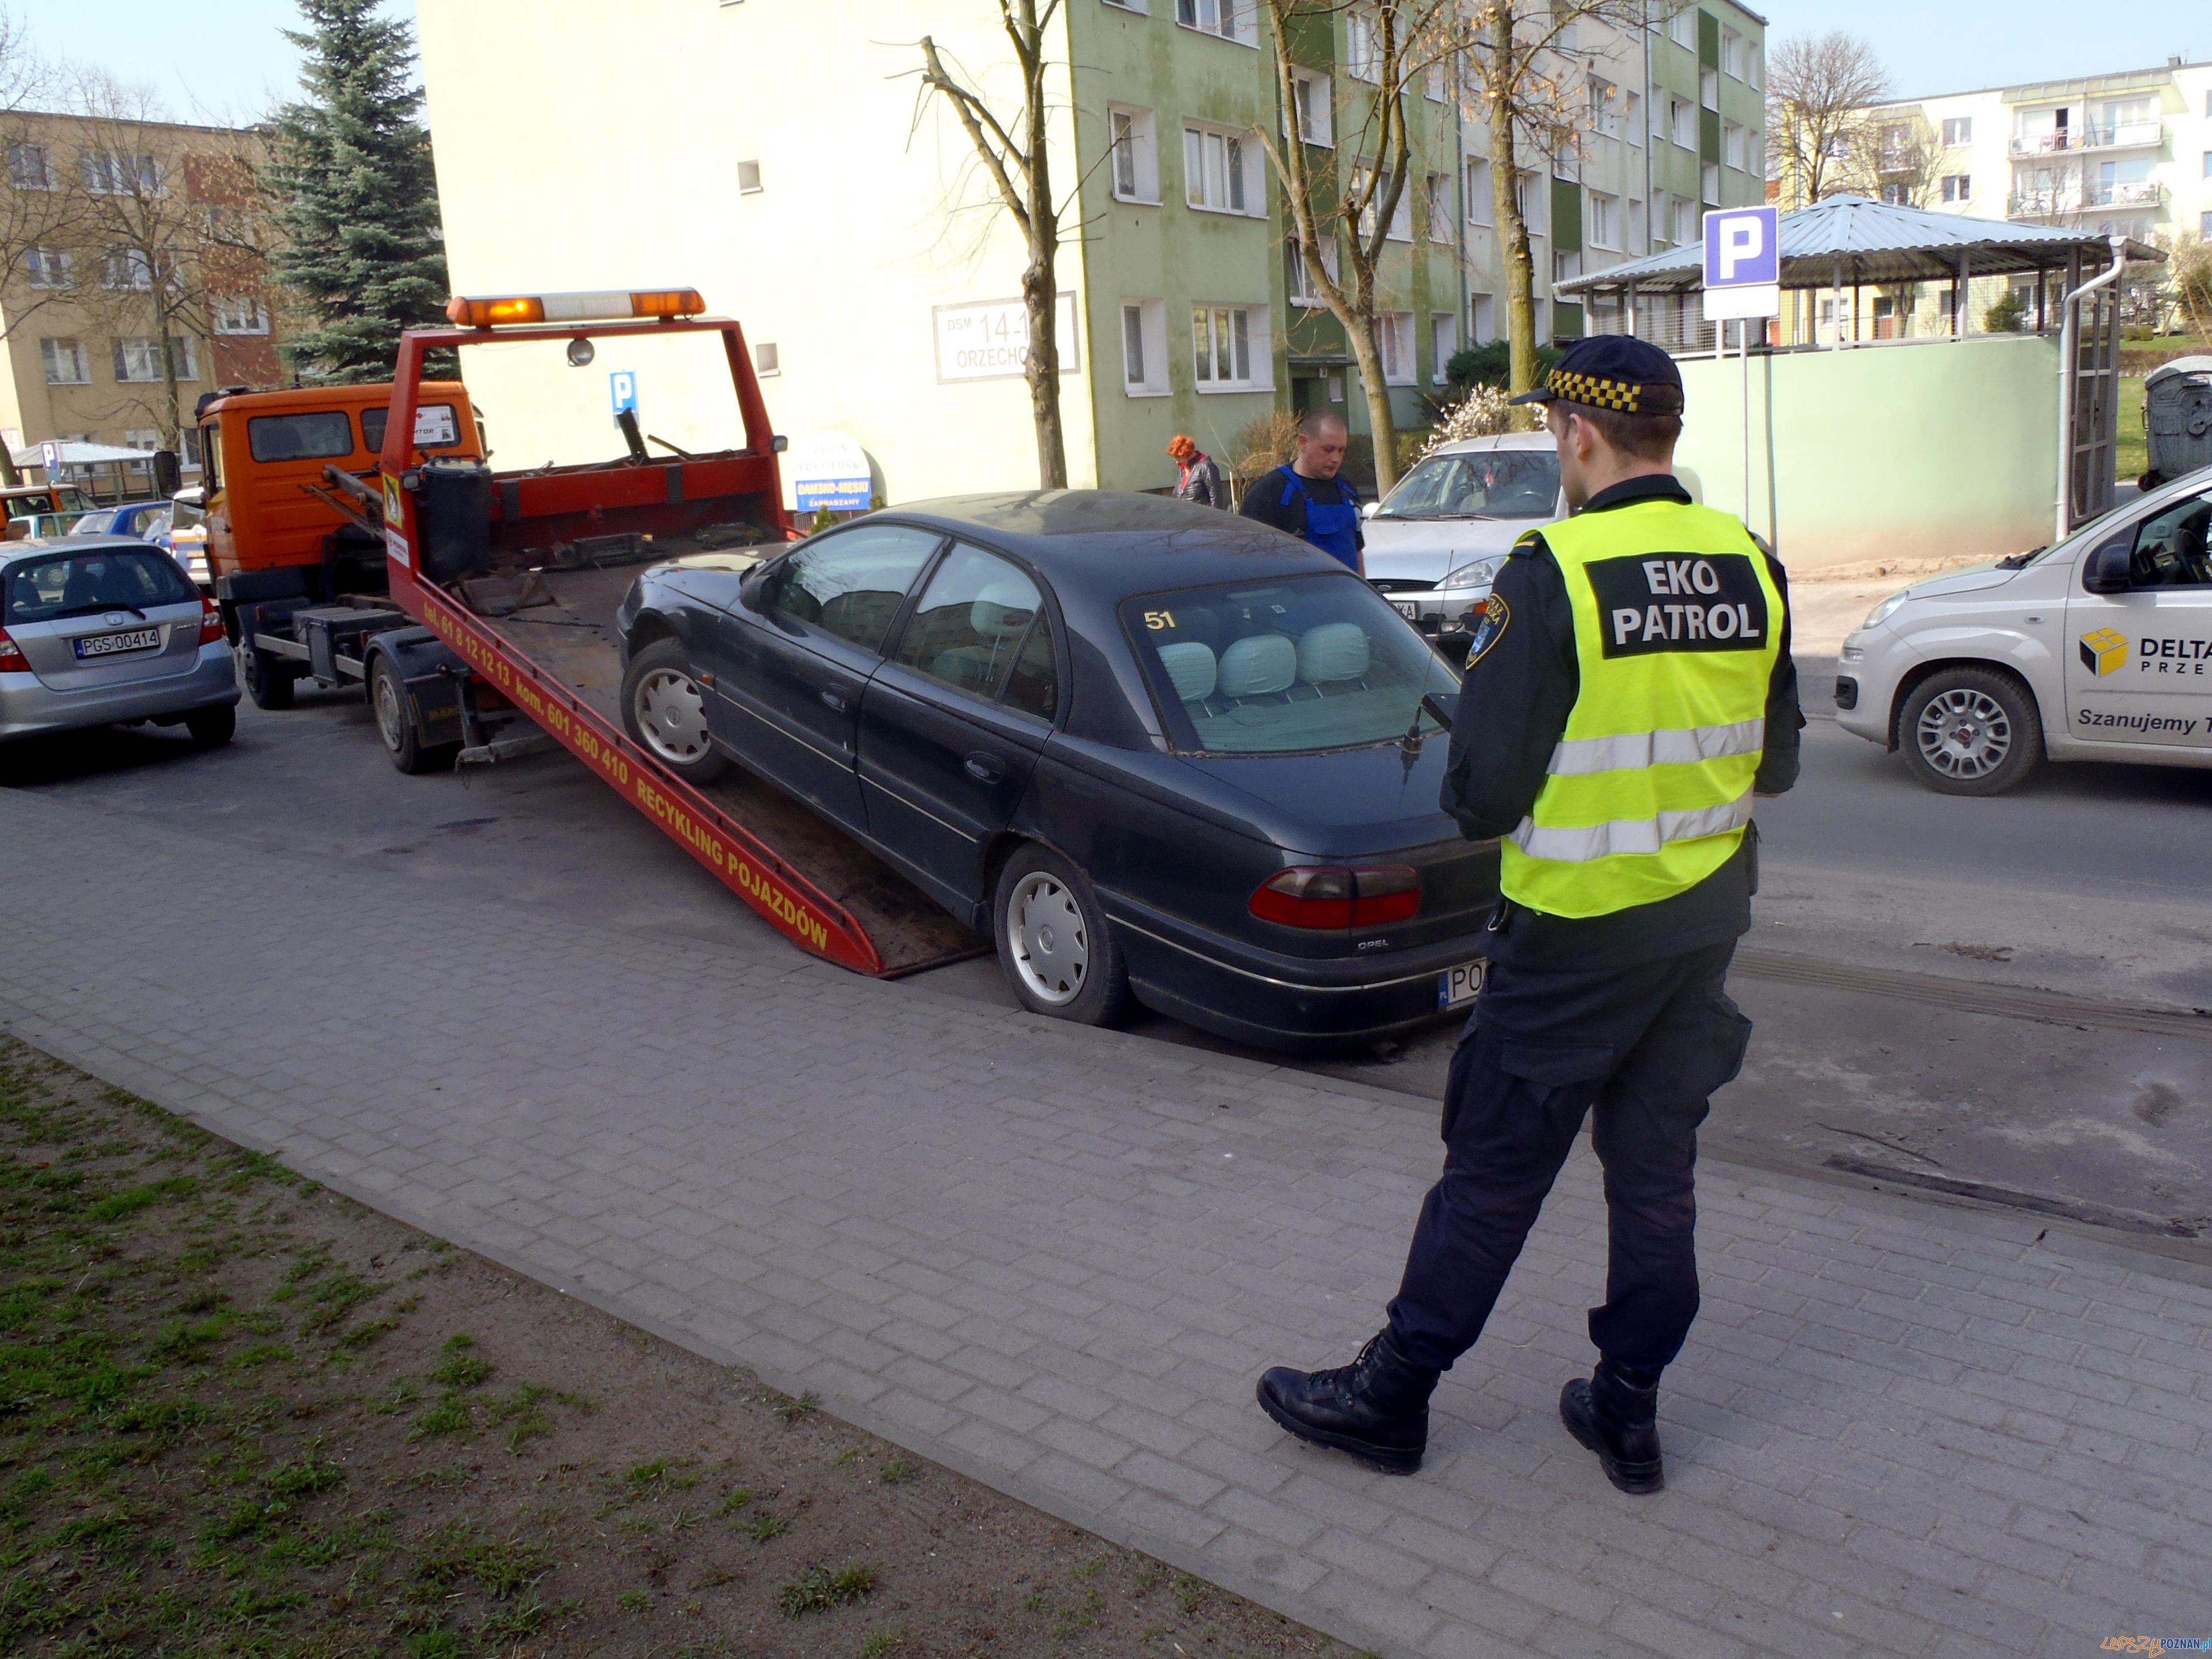 Wraki mają zniknąć z ulic i parkingów  Foto: Straż Miejska w Poznaniu